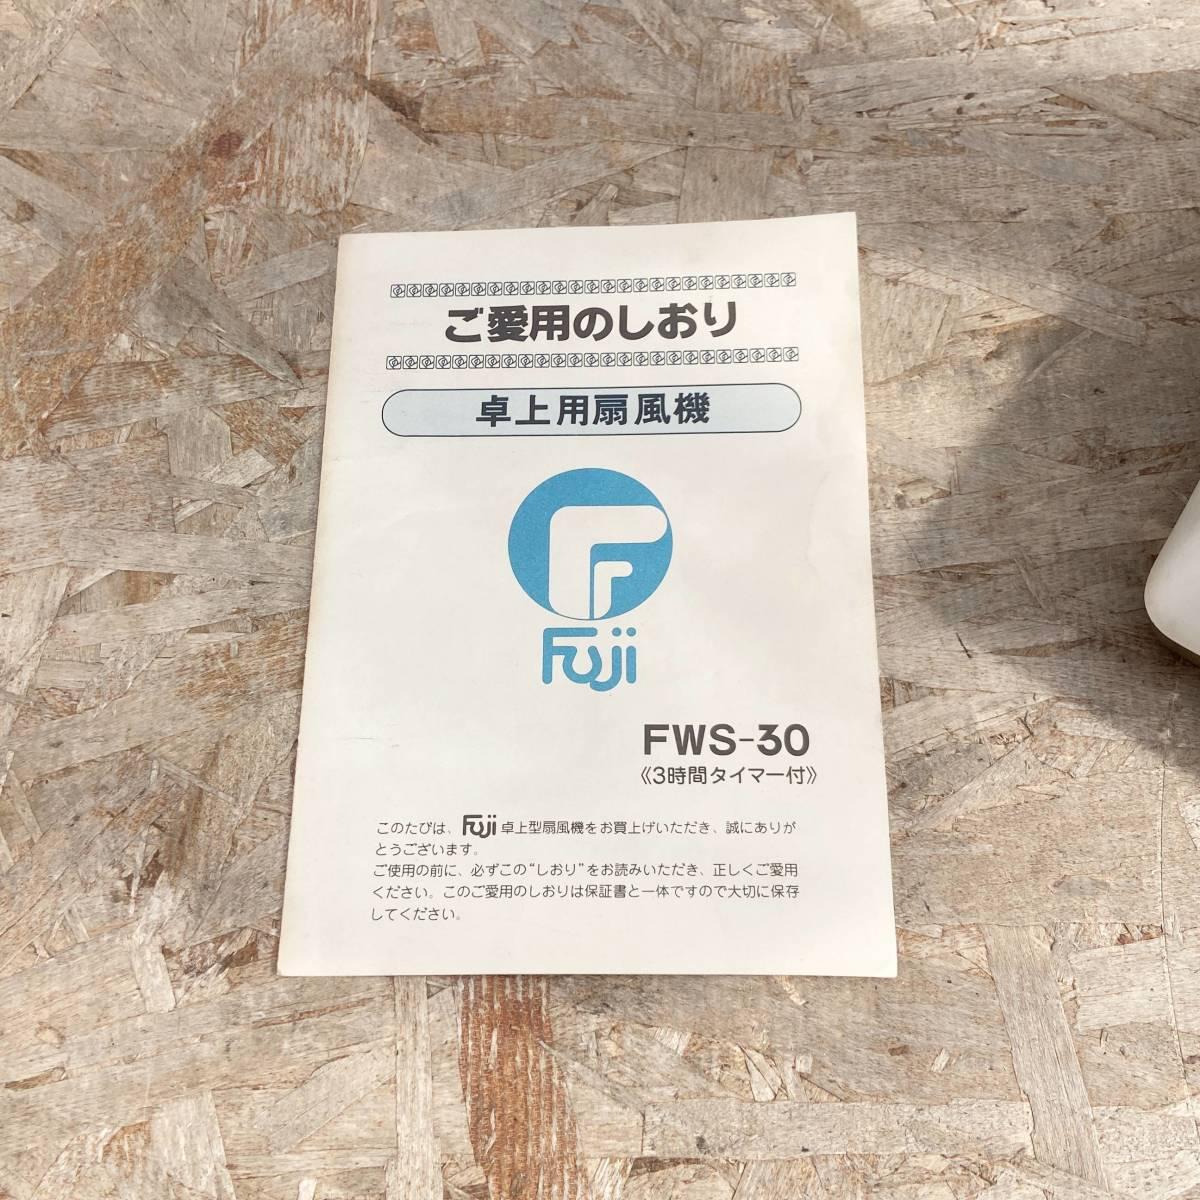 甲HK7837 動作品 難アリ 富士産業 卓上用扇風機 昭和レトロ FWS-30 3枚羽根 3段階 タイマー 元箱つき 現状品_画像2